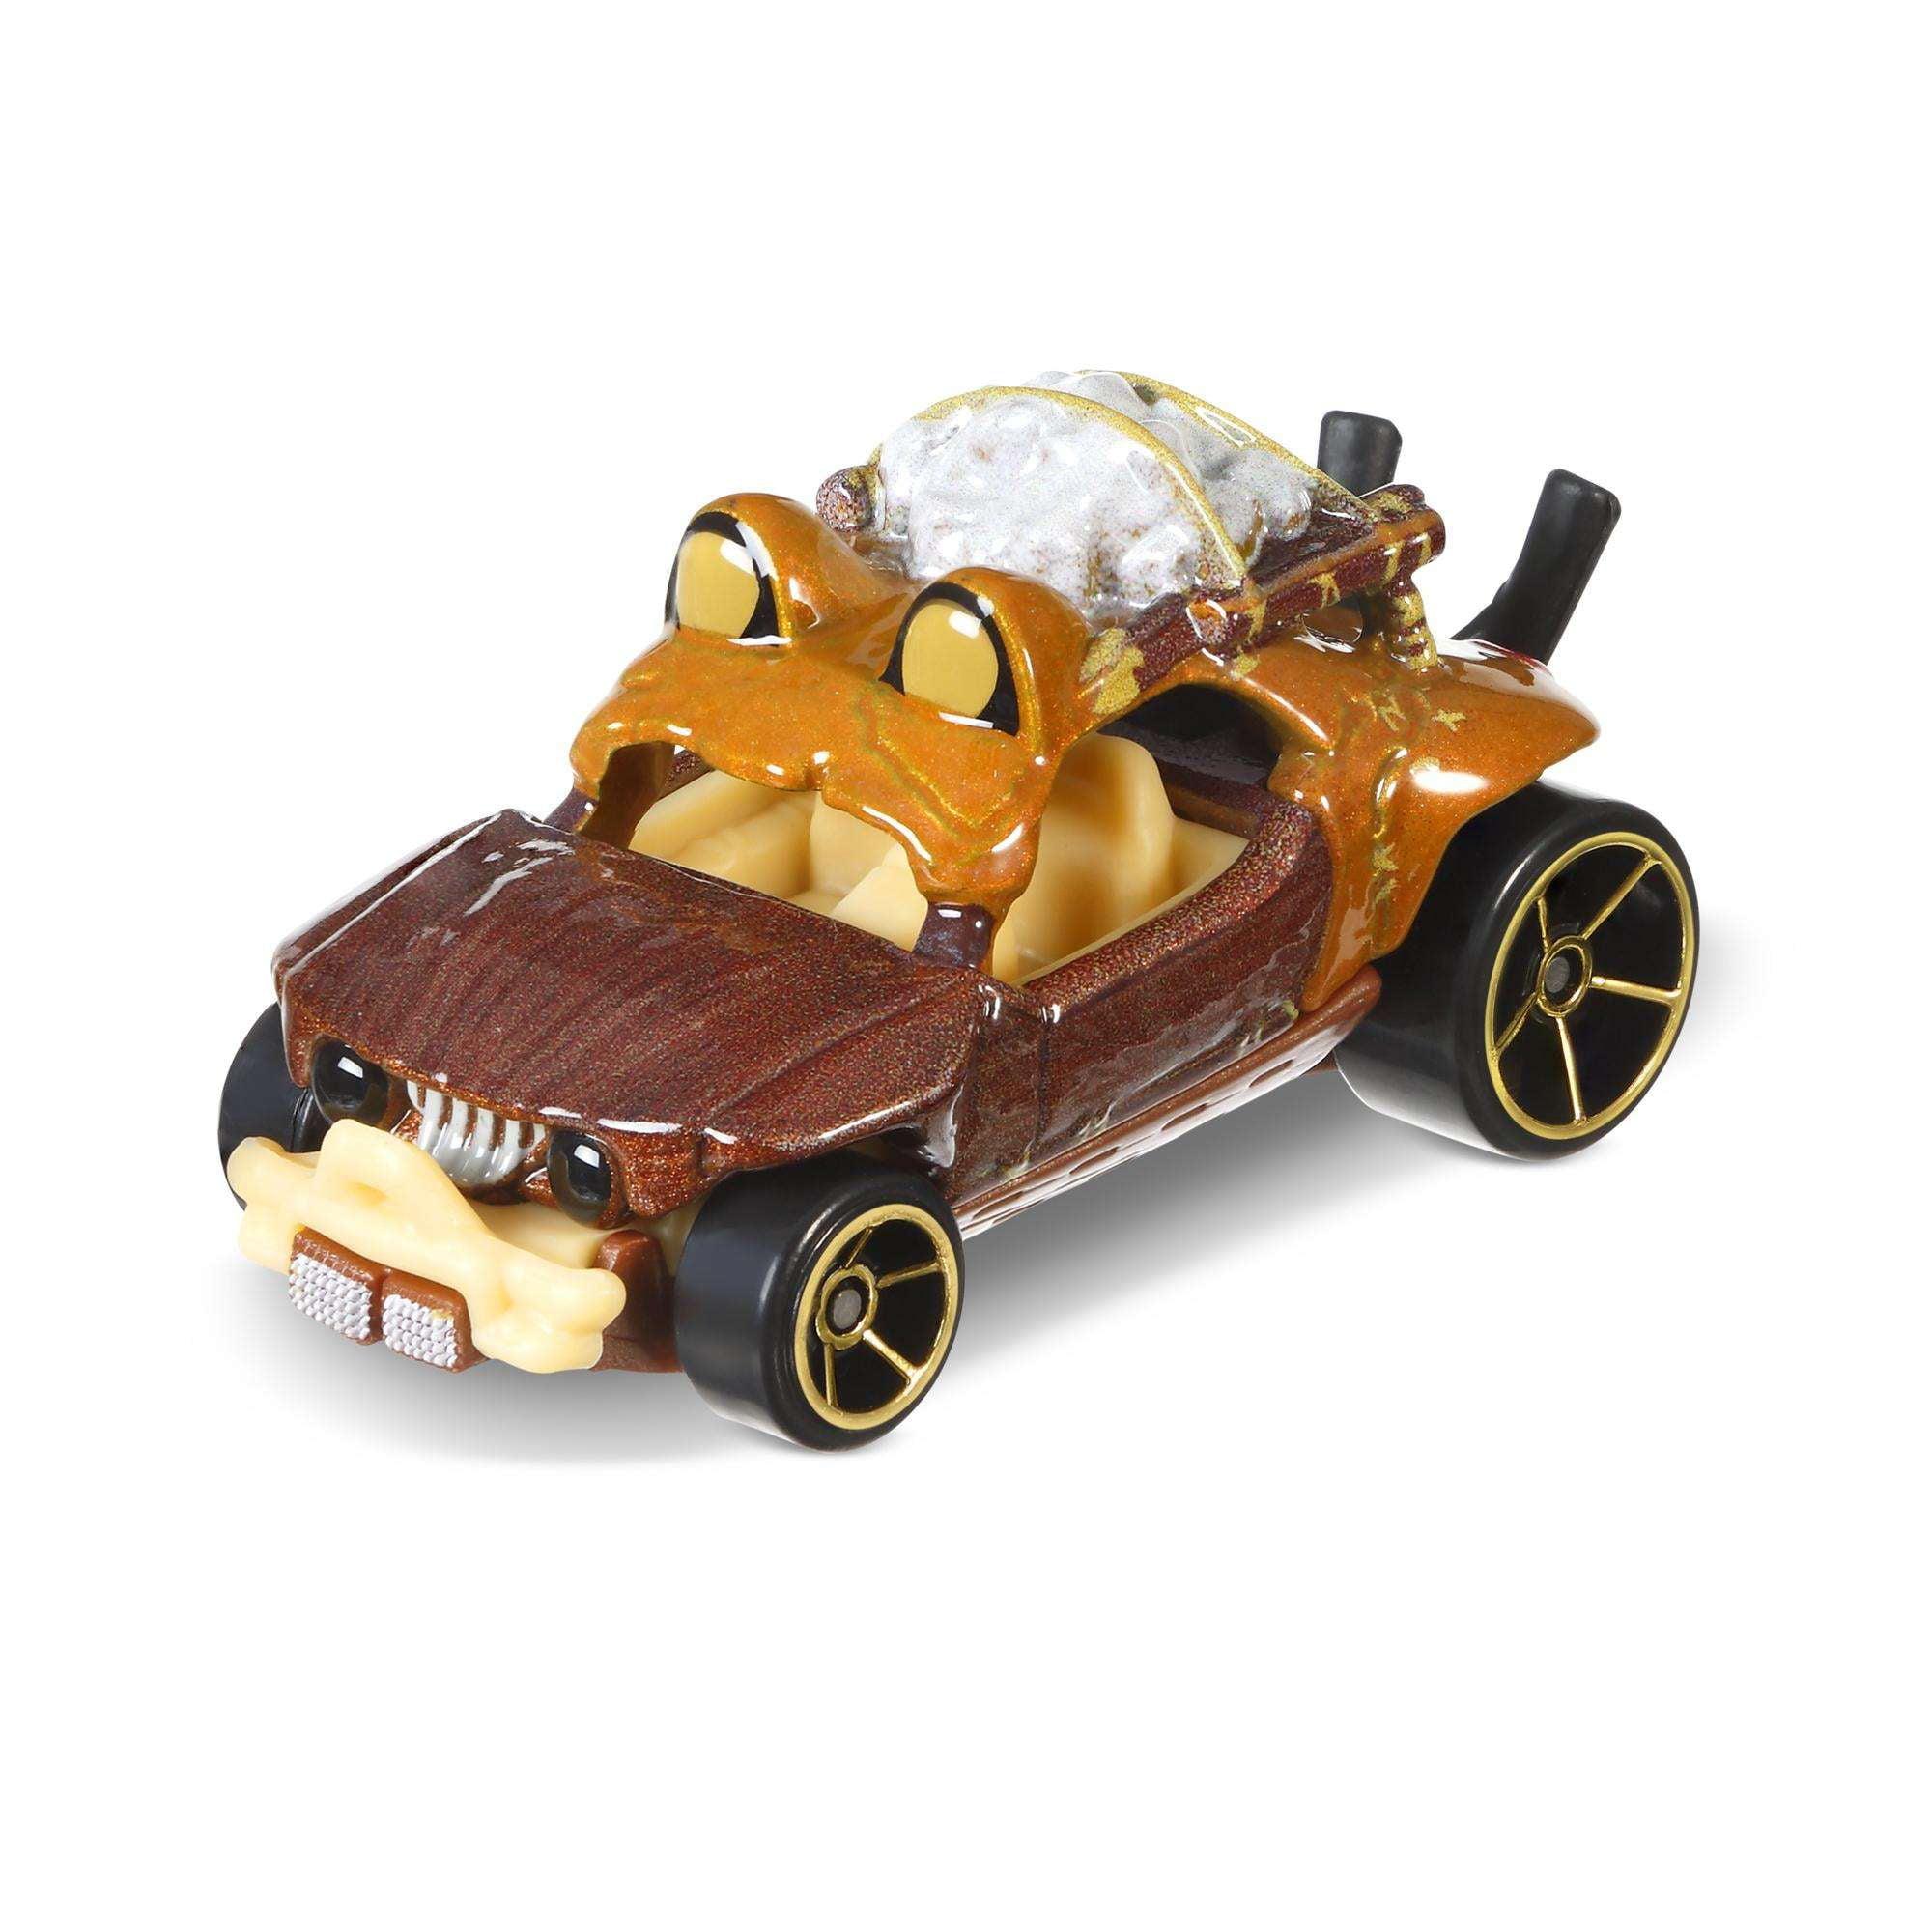 Mattel Hot Wheels Star Wars Rogue One Character Car, Ewok